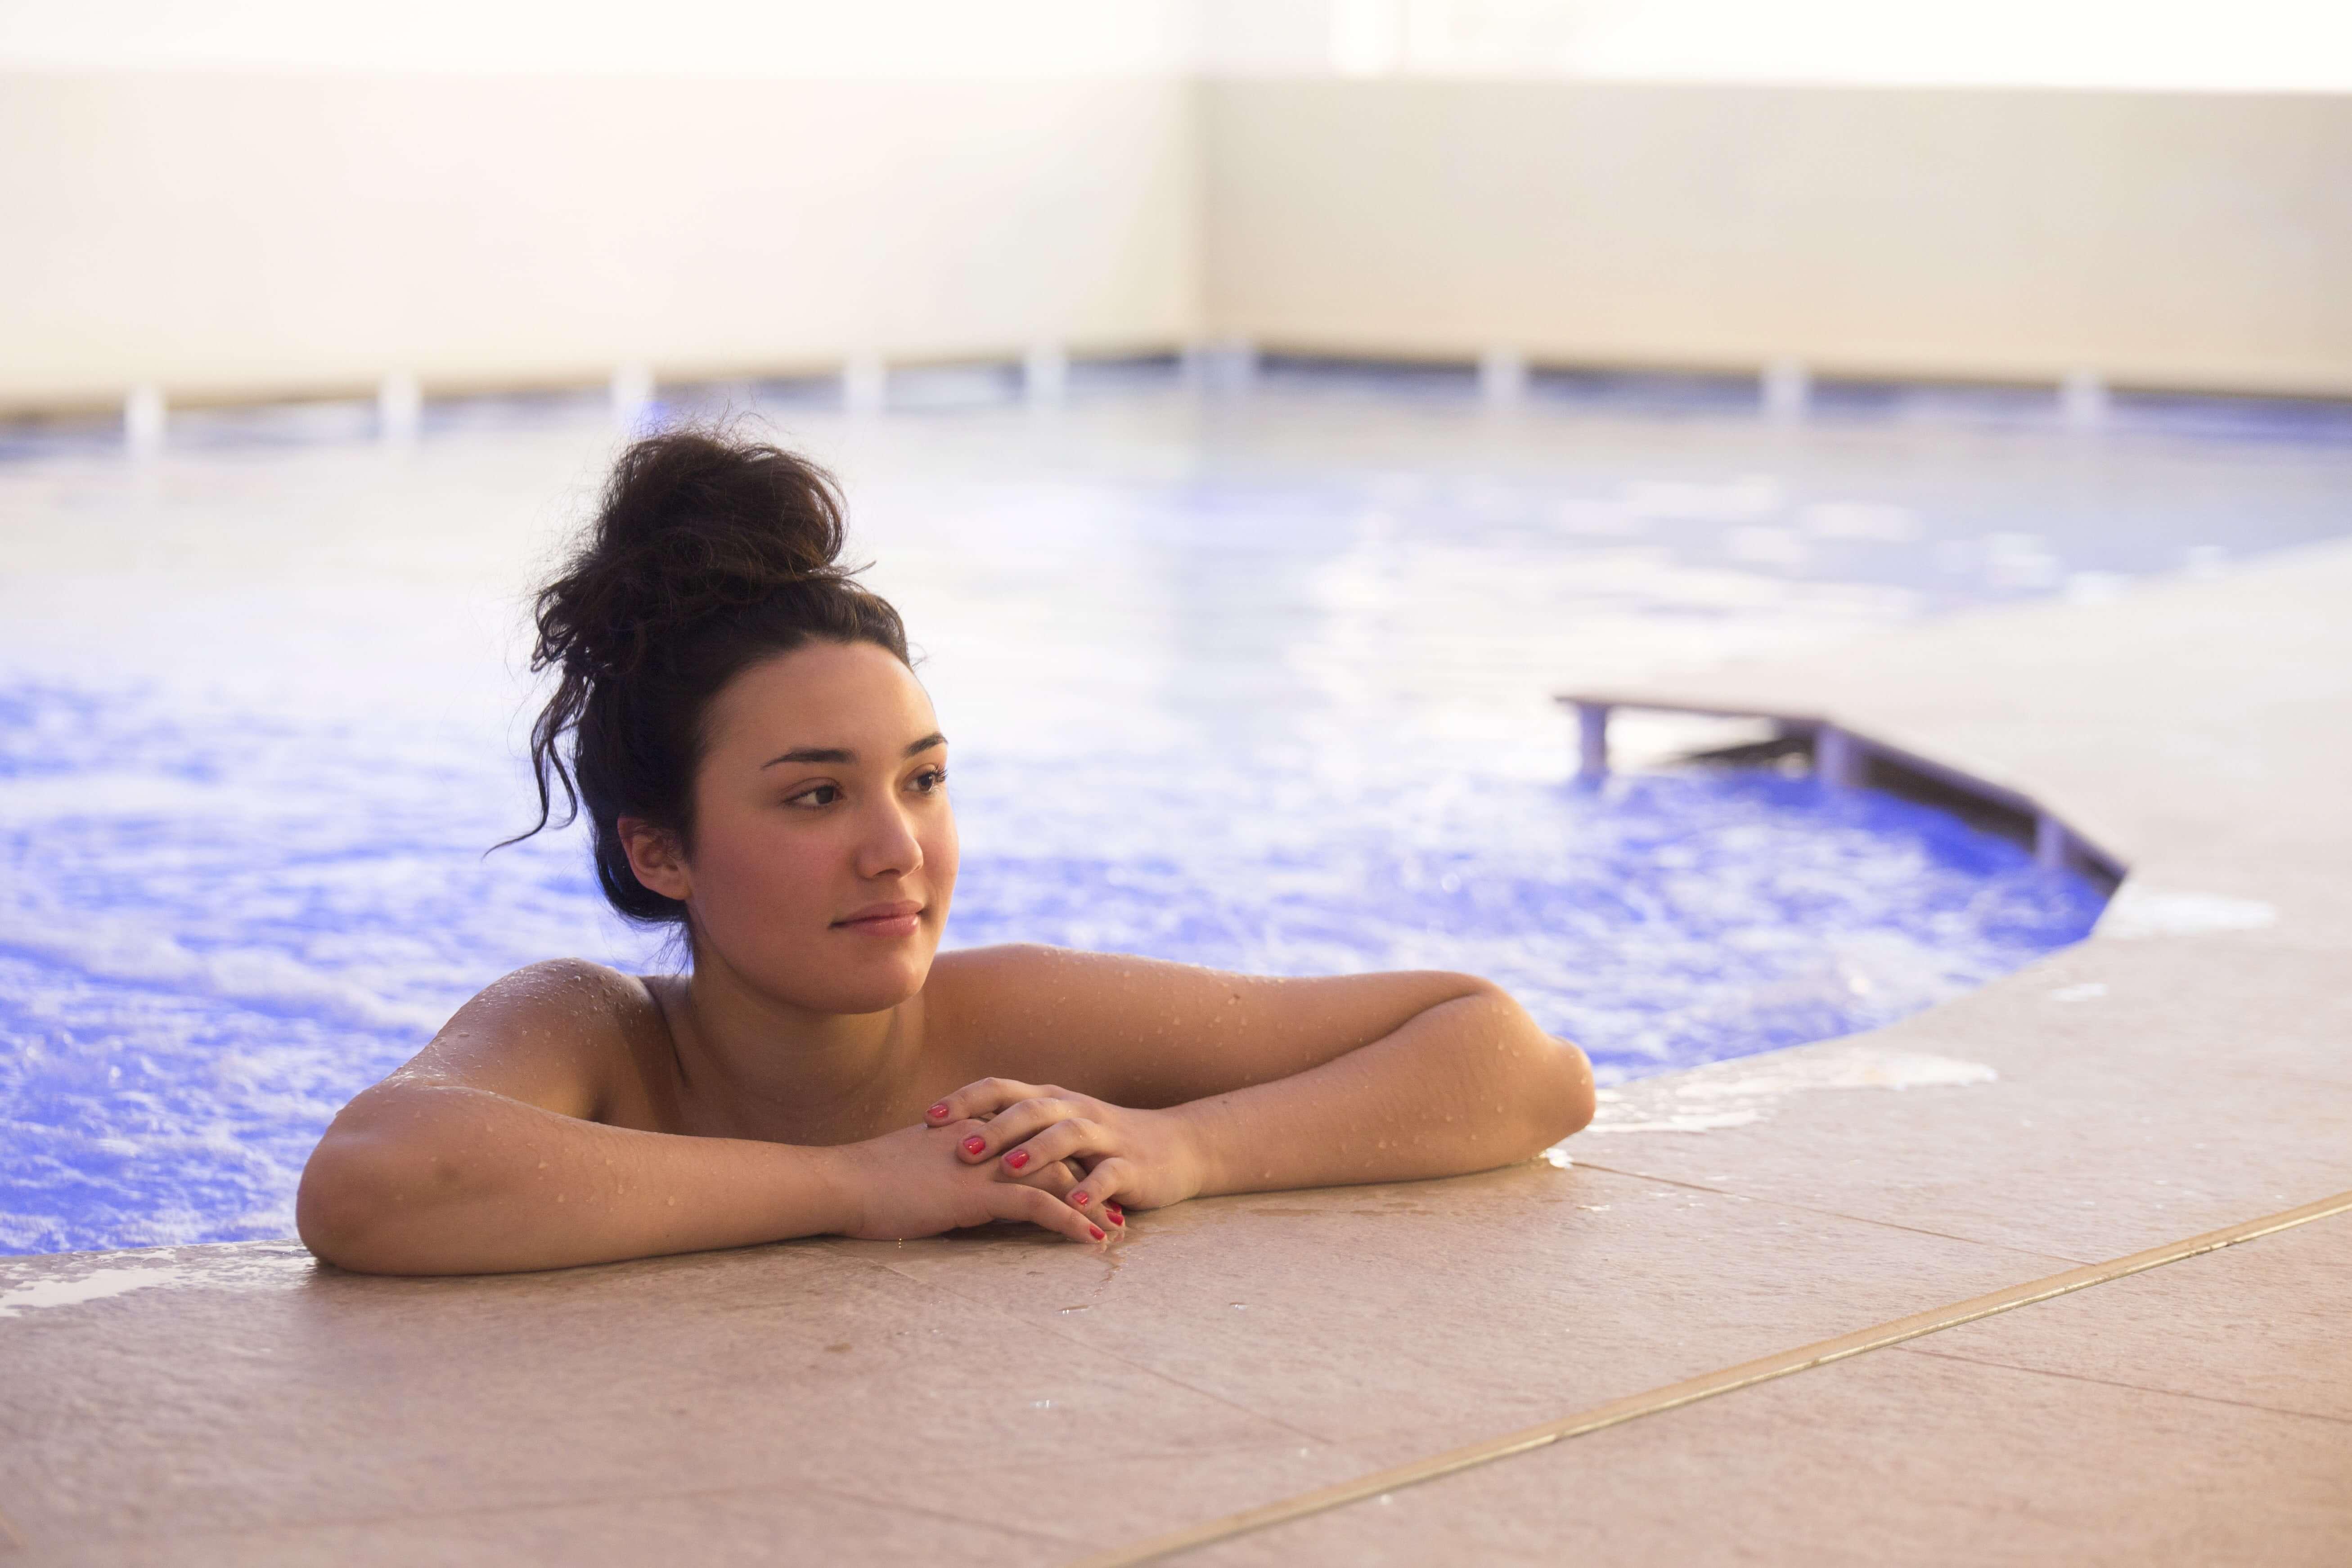 Piscina centro wellness centro benessere massaggi trattamenti